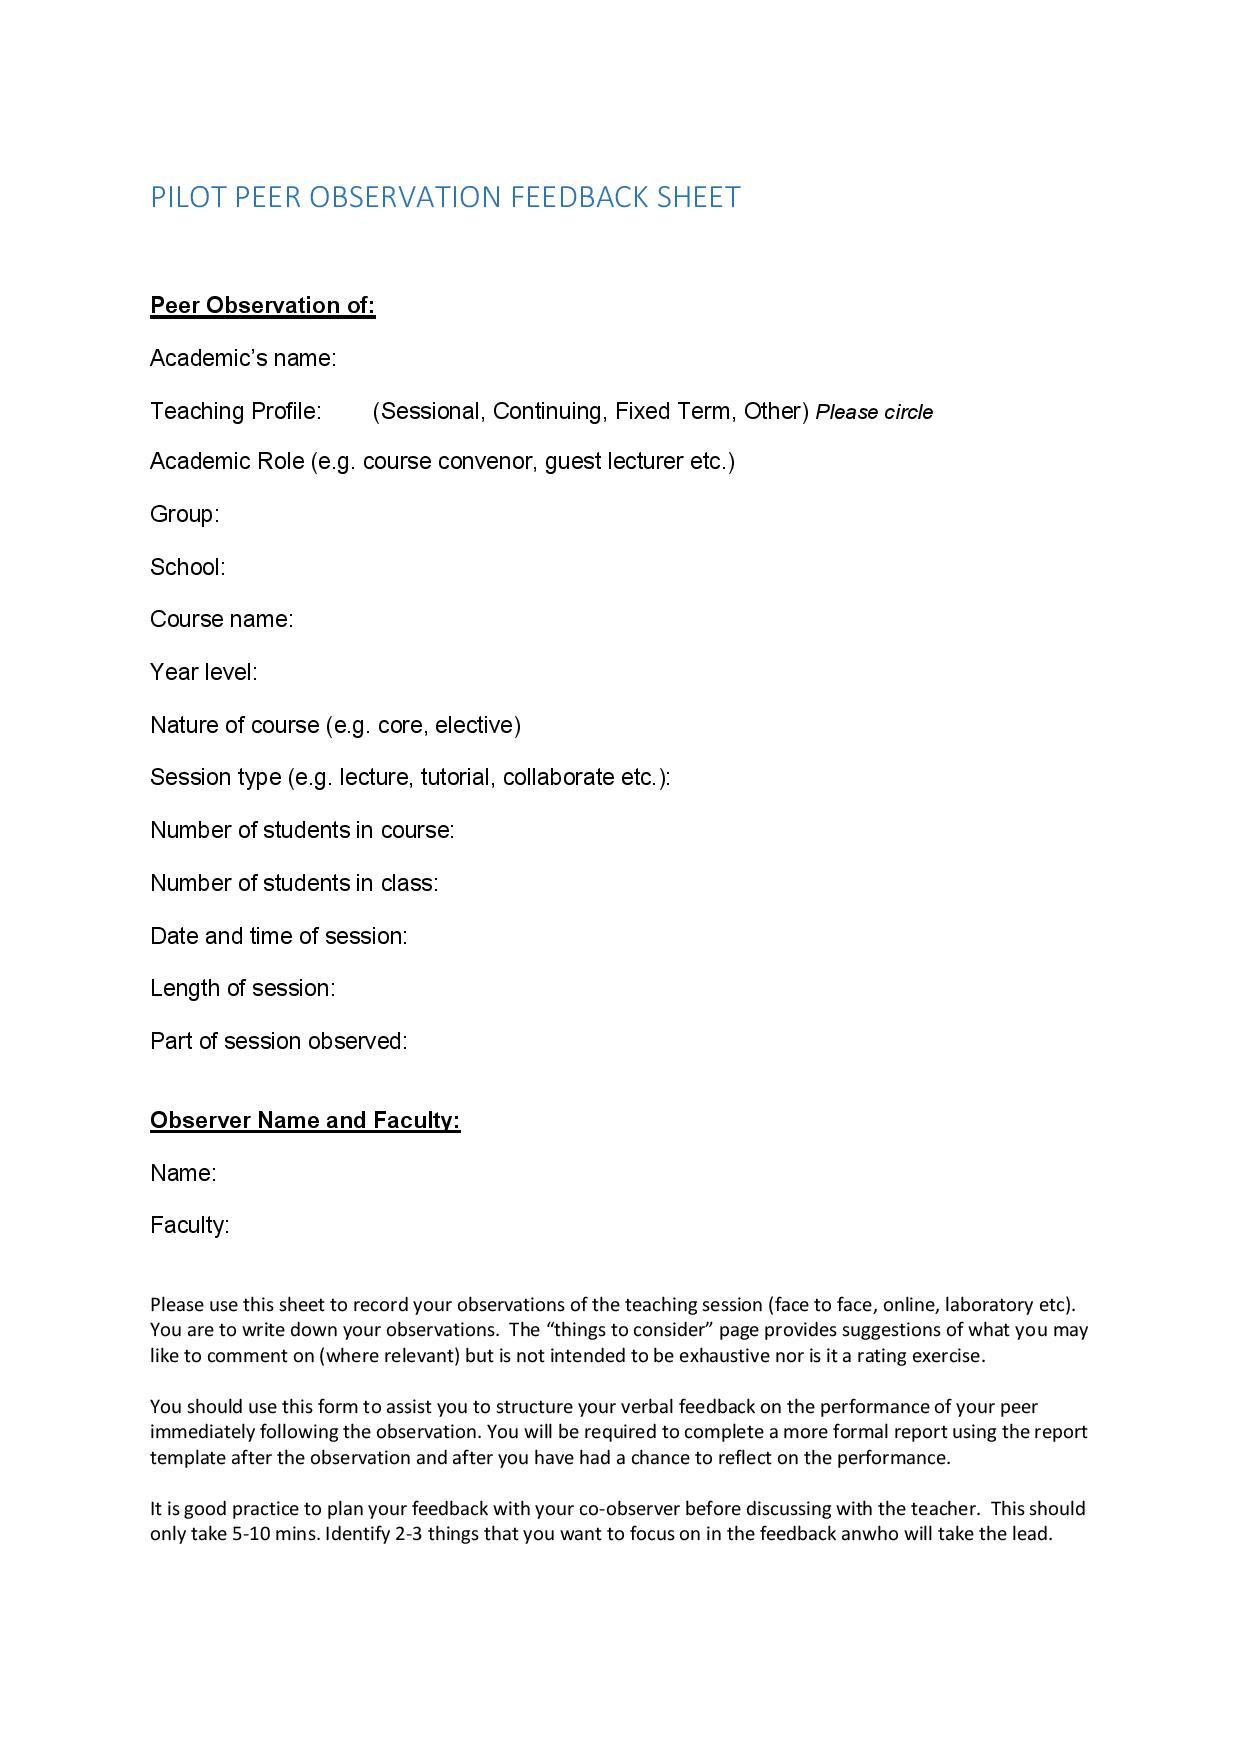 peer observation sheet page 001